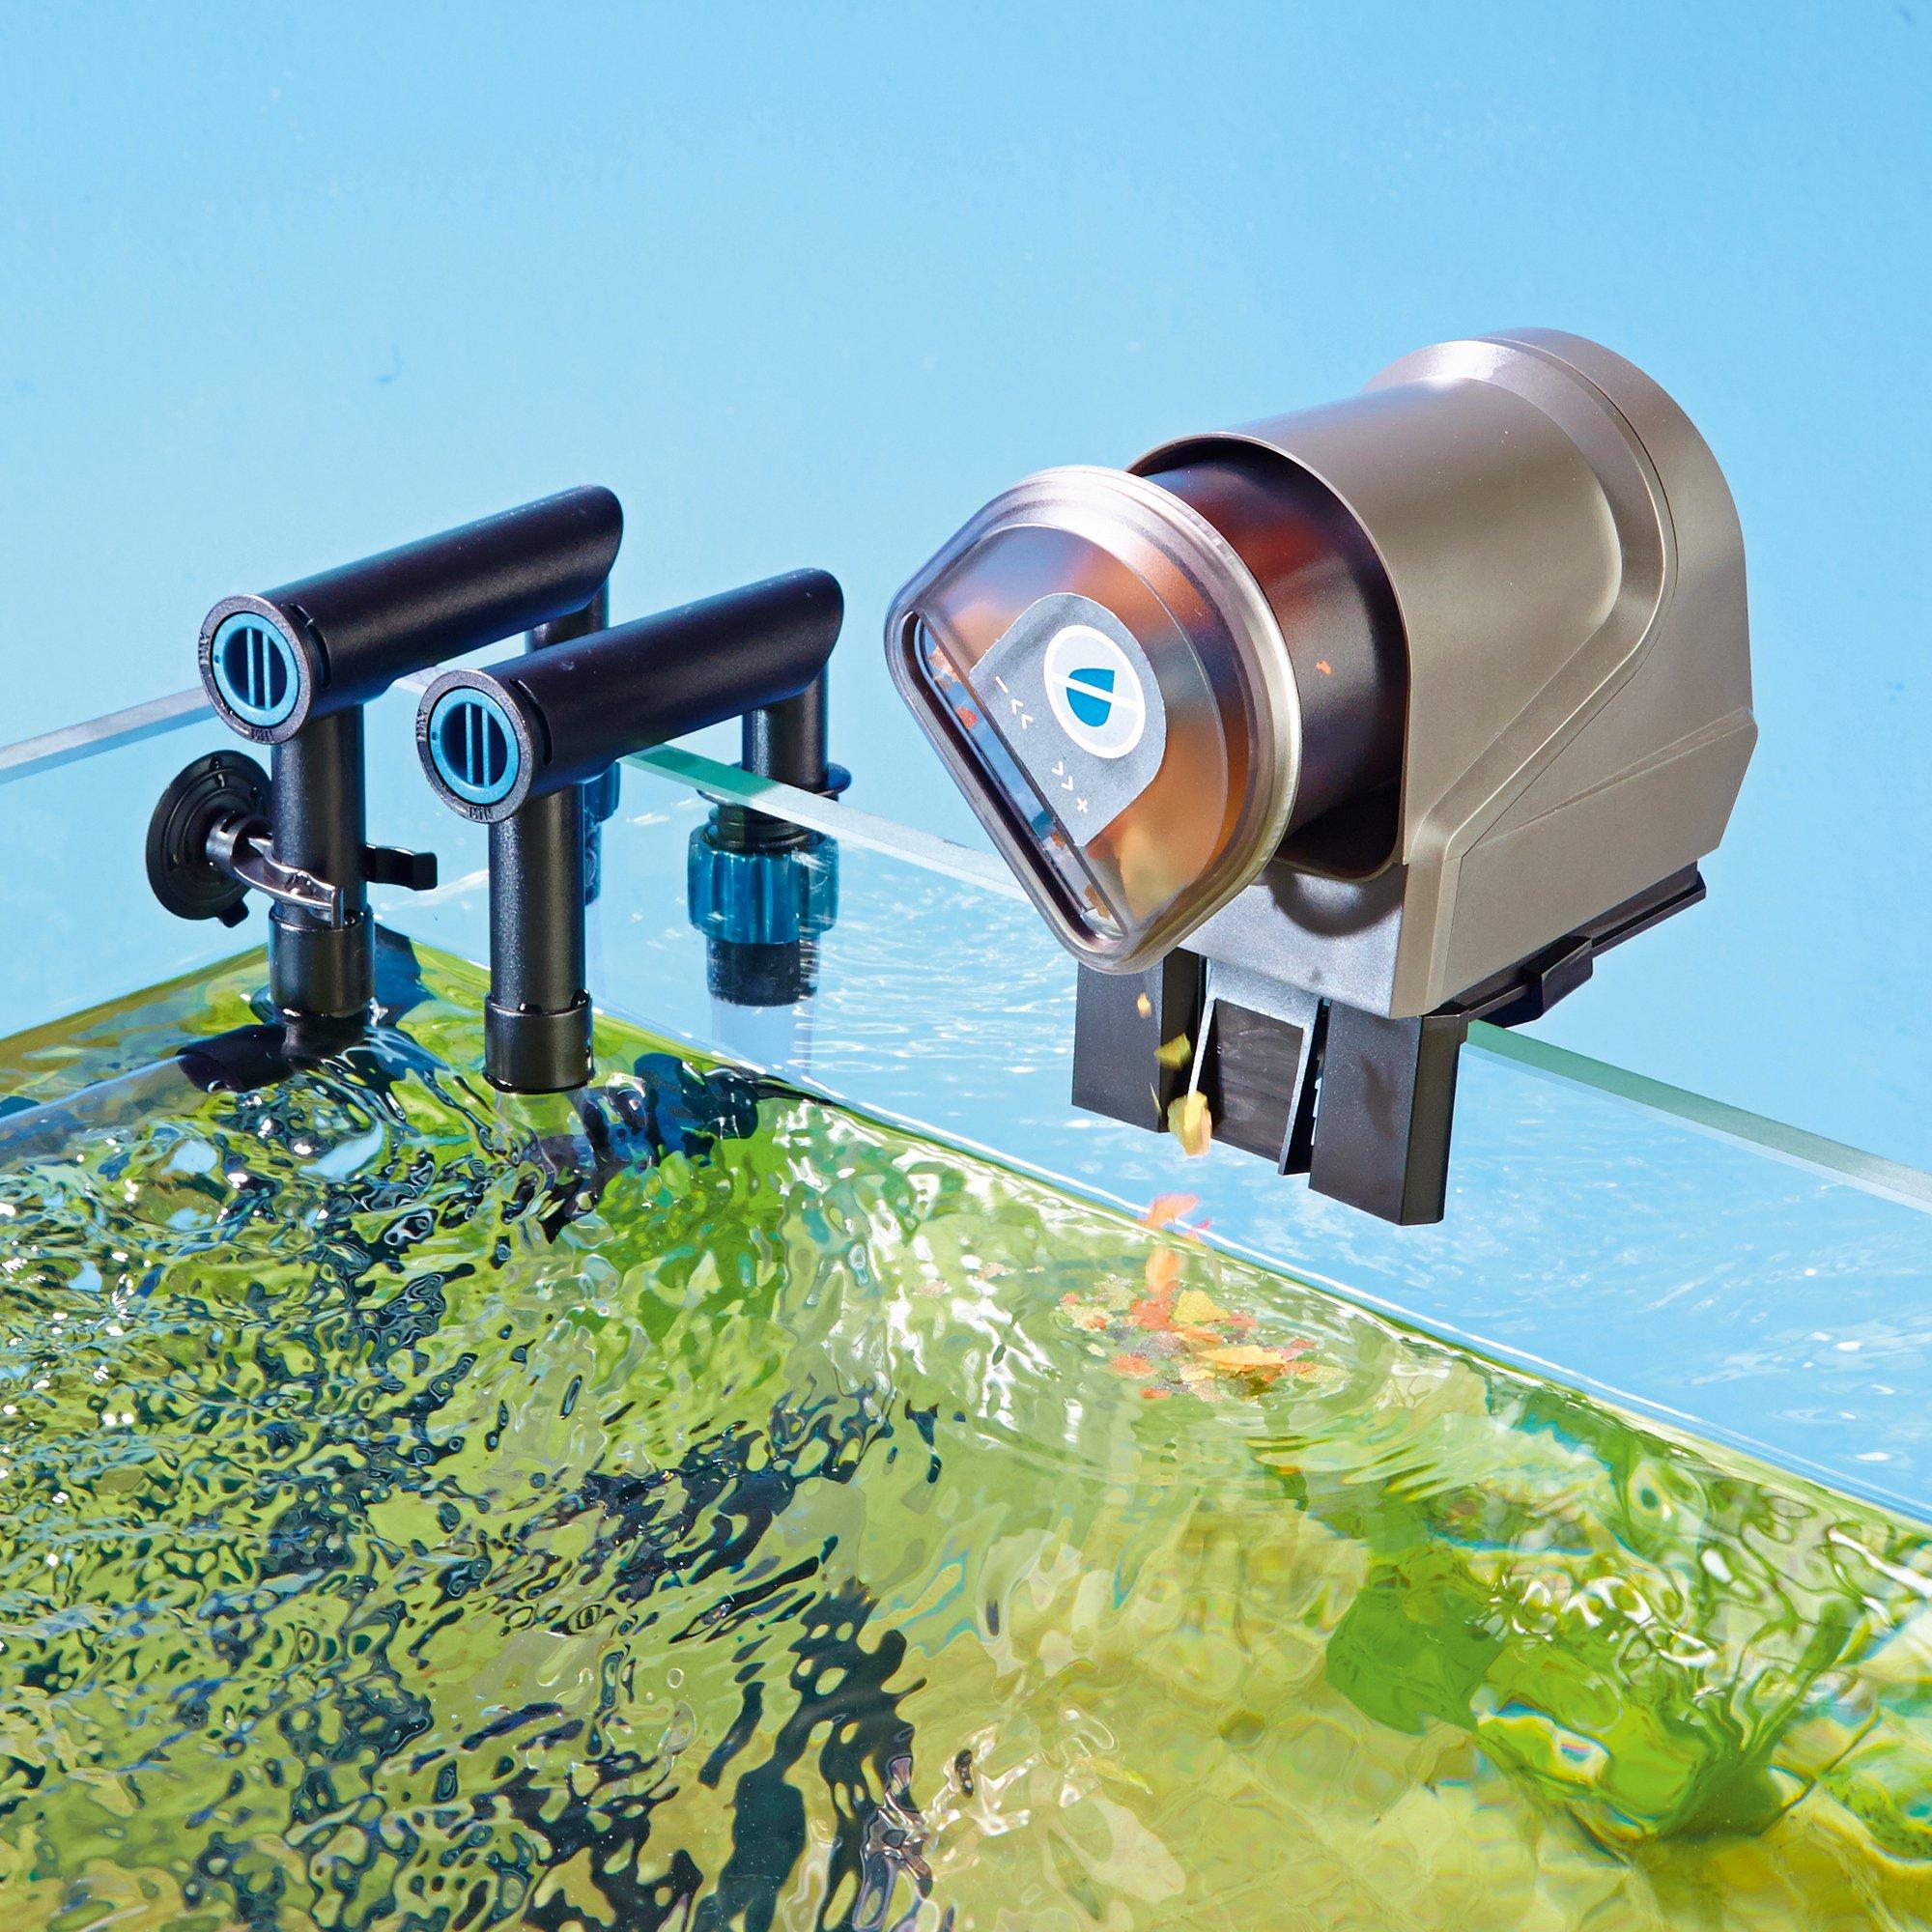 OASE Indoor Aquatics Fishguard by OASE Indoor Aquatics (Image #3)